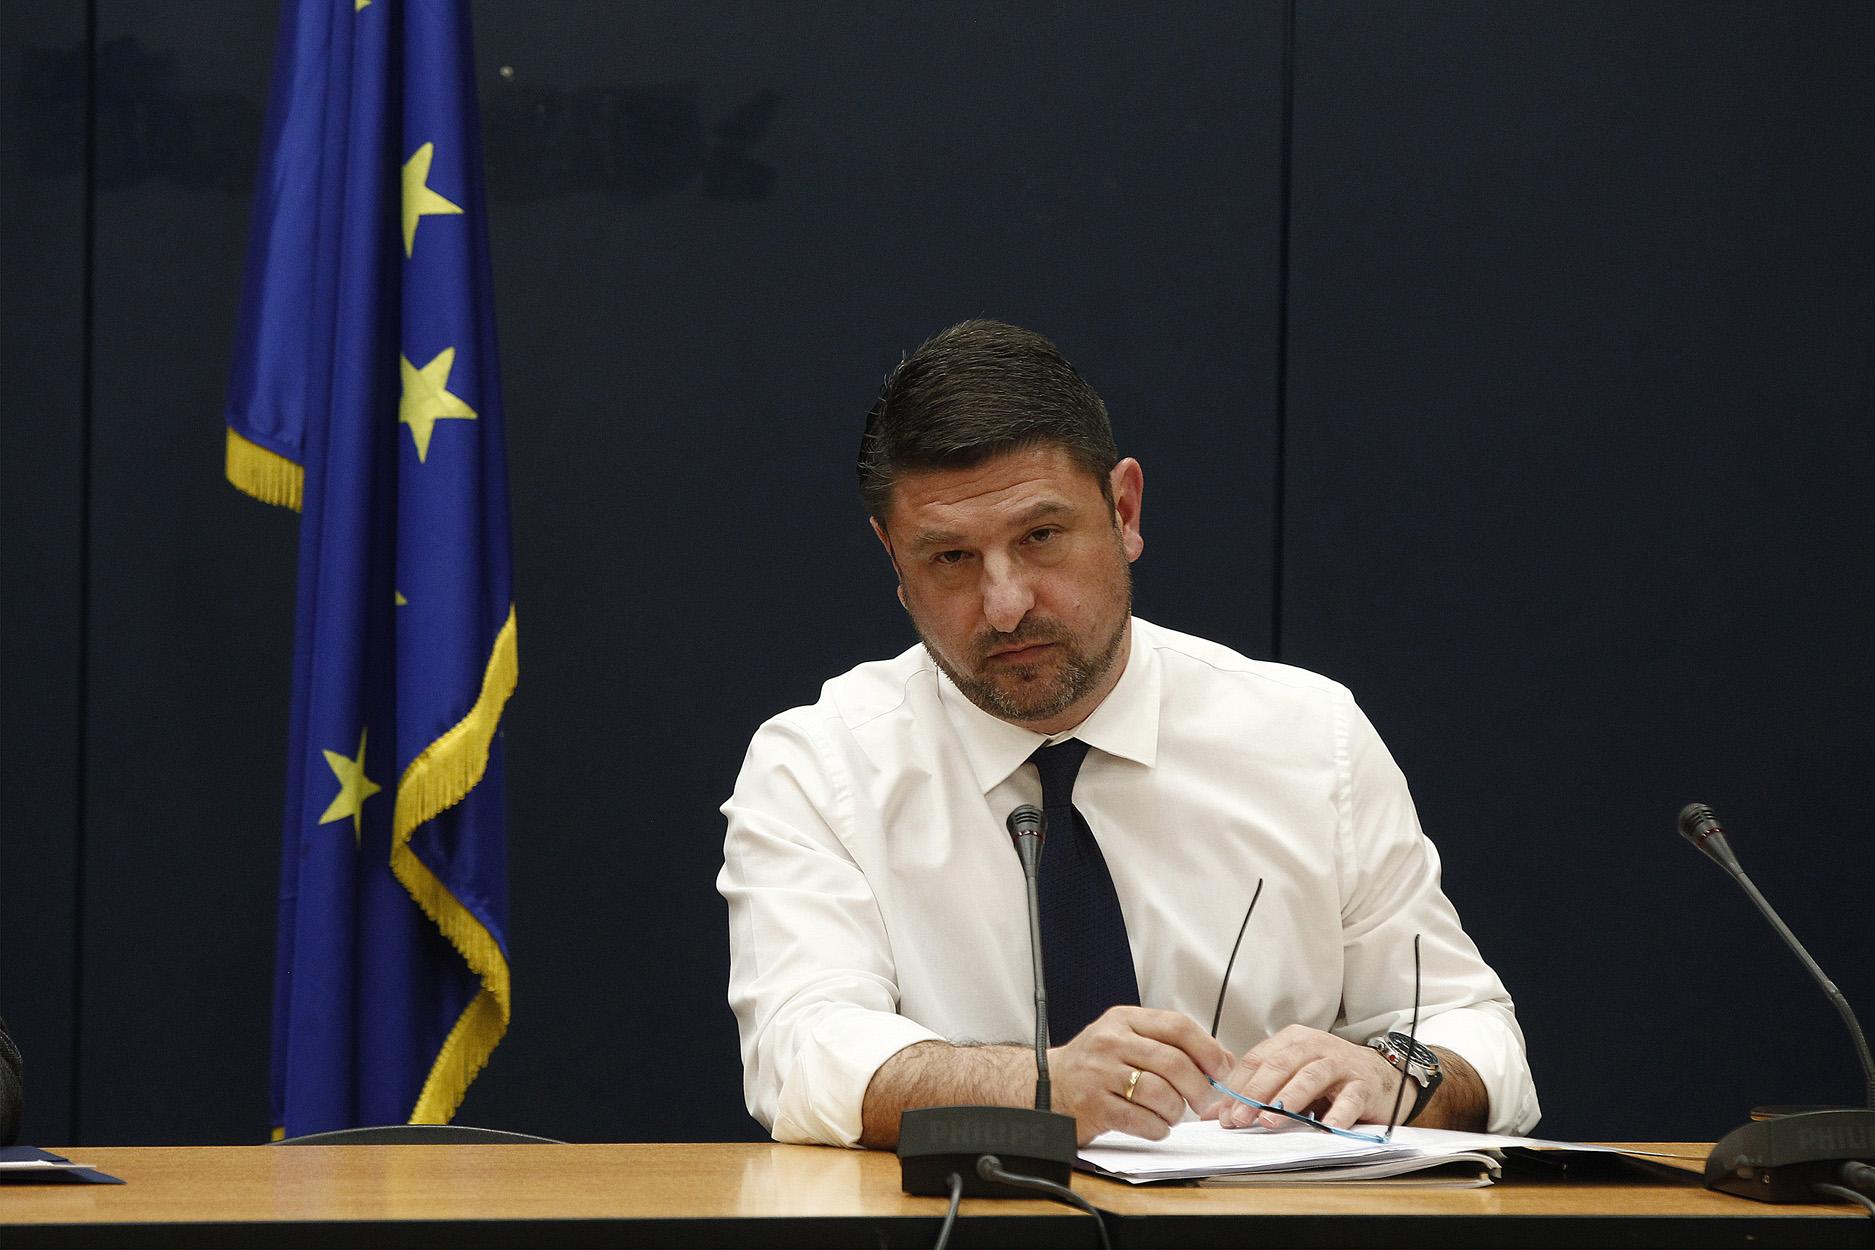 Χαρδαλιάς: Δήμοι σε καραντίνα, απαγόρευση κυκλοφορίας και οργή για τις ουρές στις τράπεζες